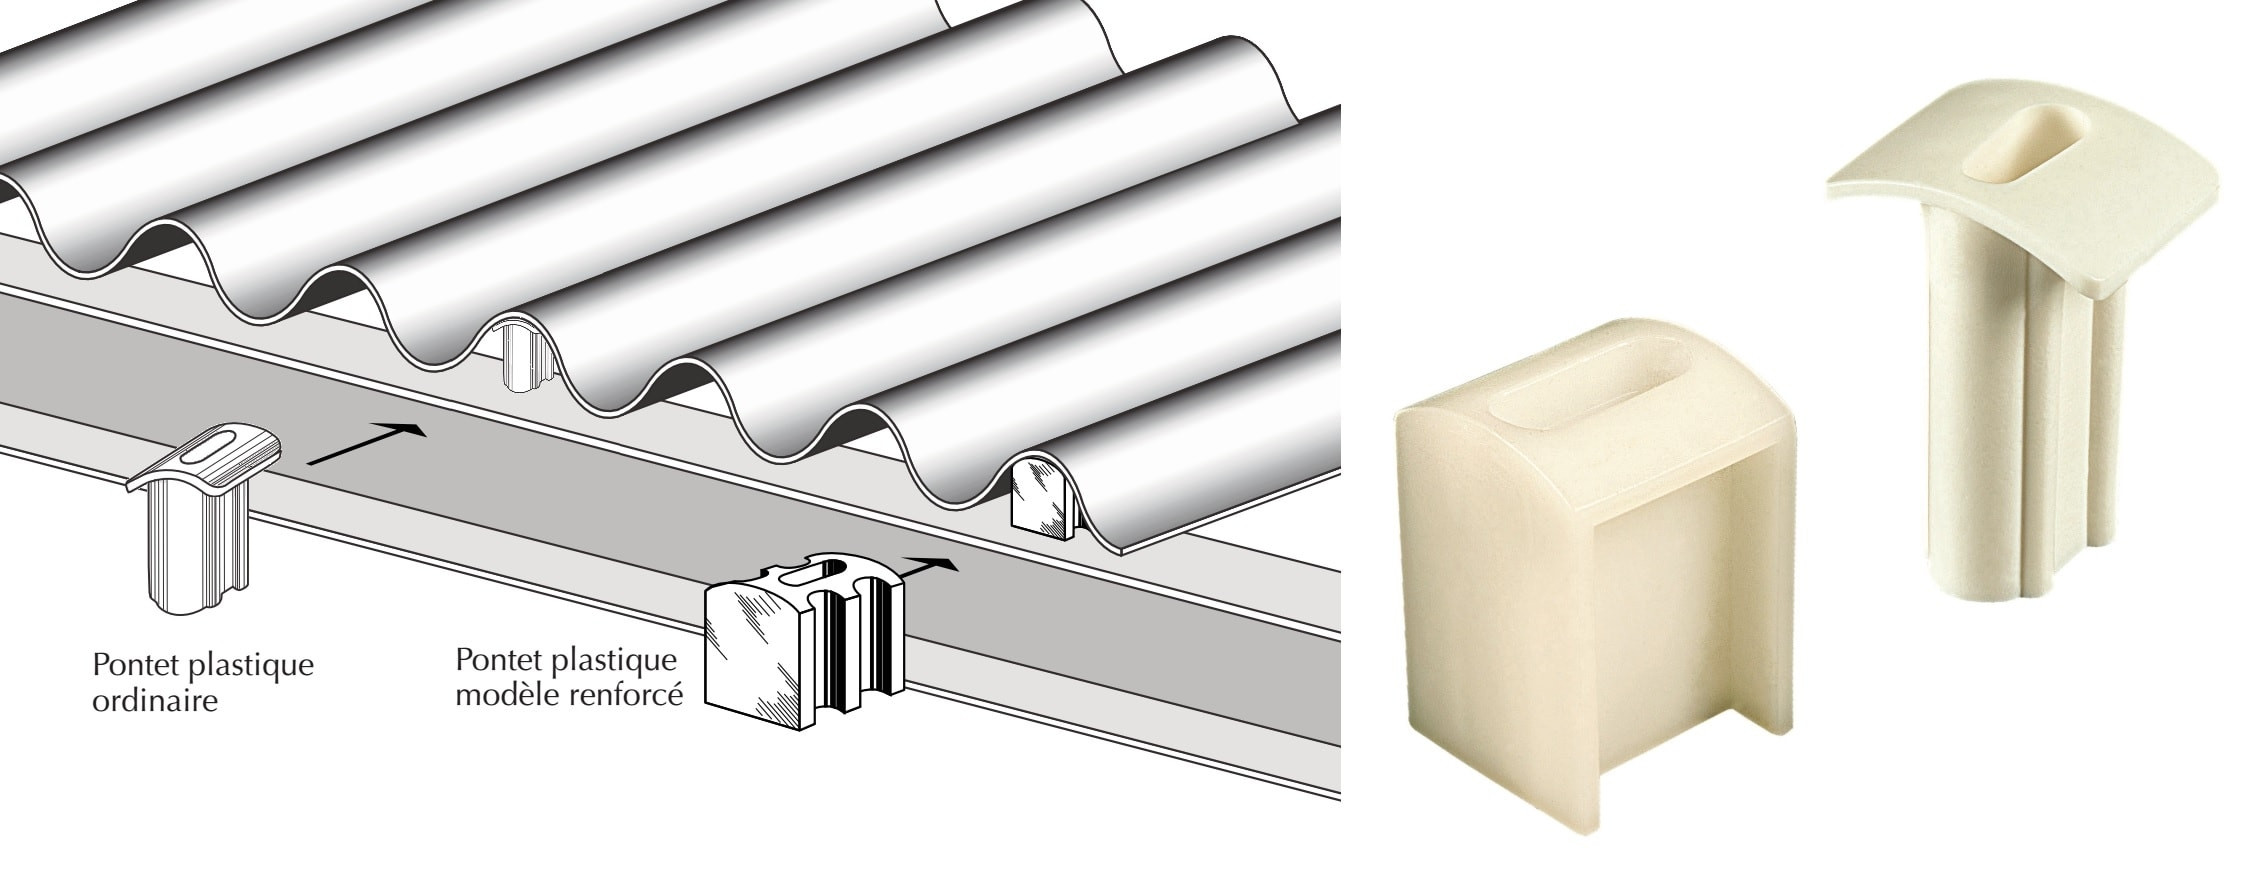 Pontet plastique pour plaques translucides profil GO 177x51